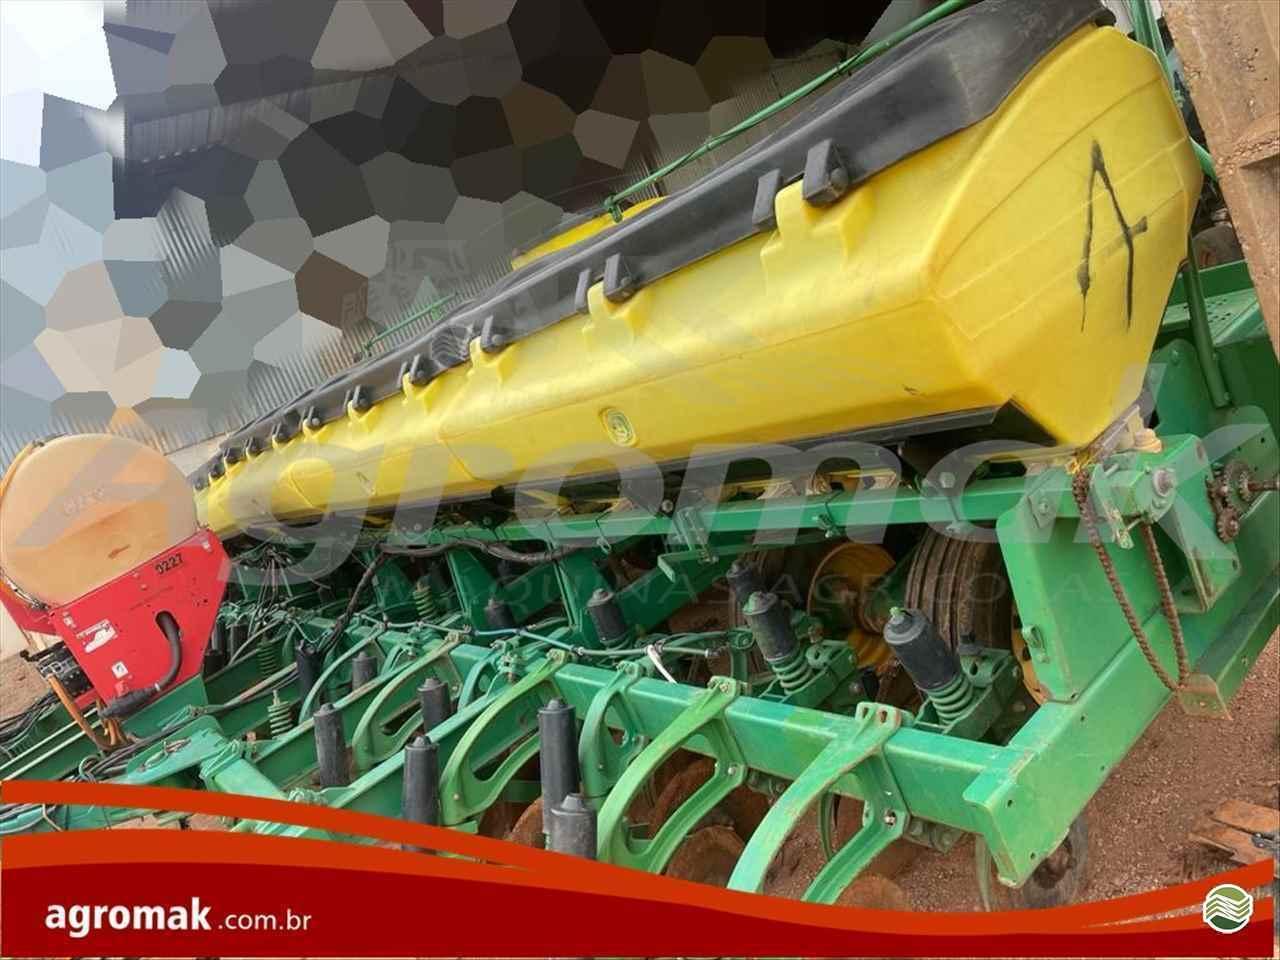 PLANTADEIRA JOHN DEERE PLANTADEIRAS 2126 Agromak Máquinas Agrícolas CAMPO VERDE MATO GROSSO MT